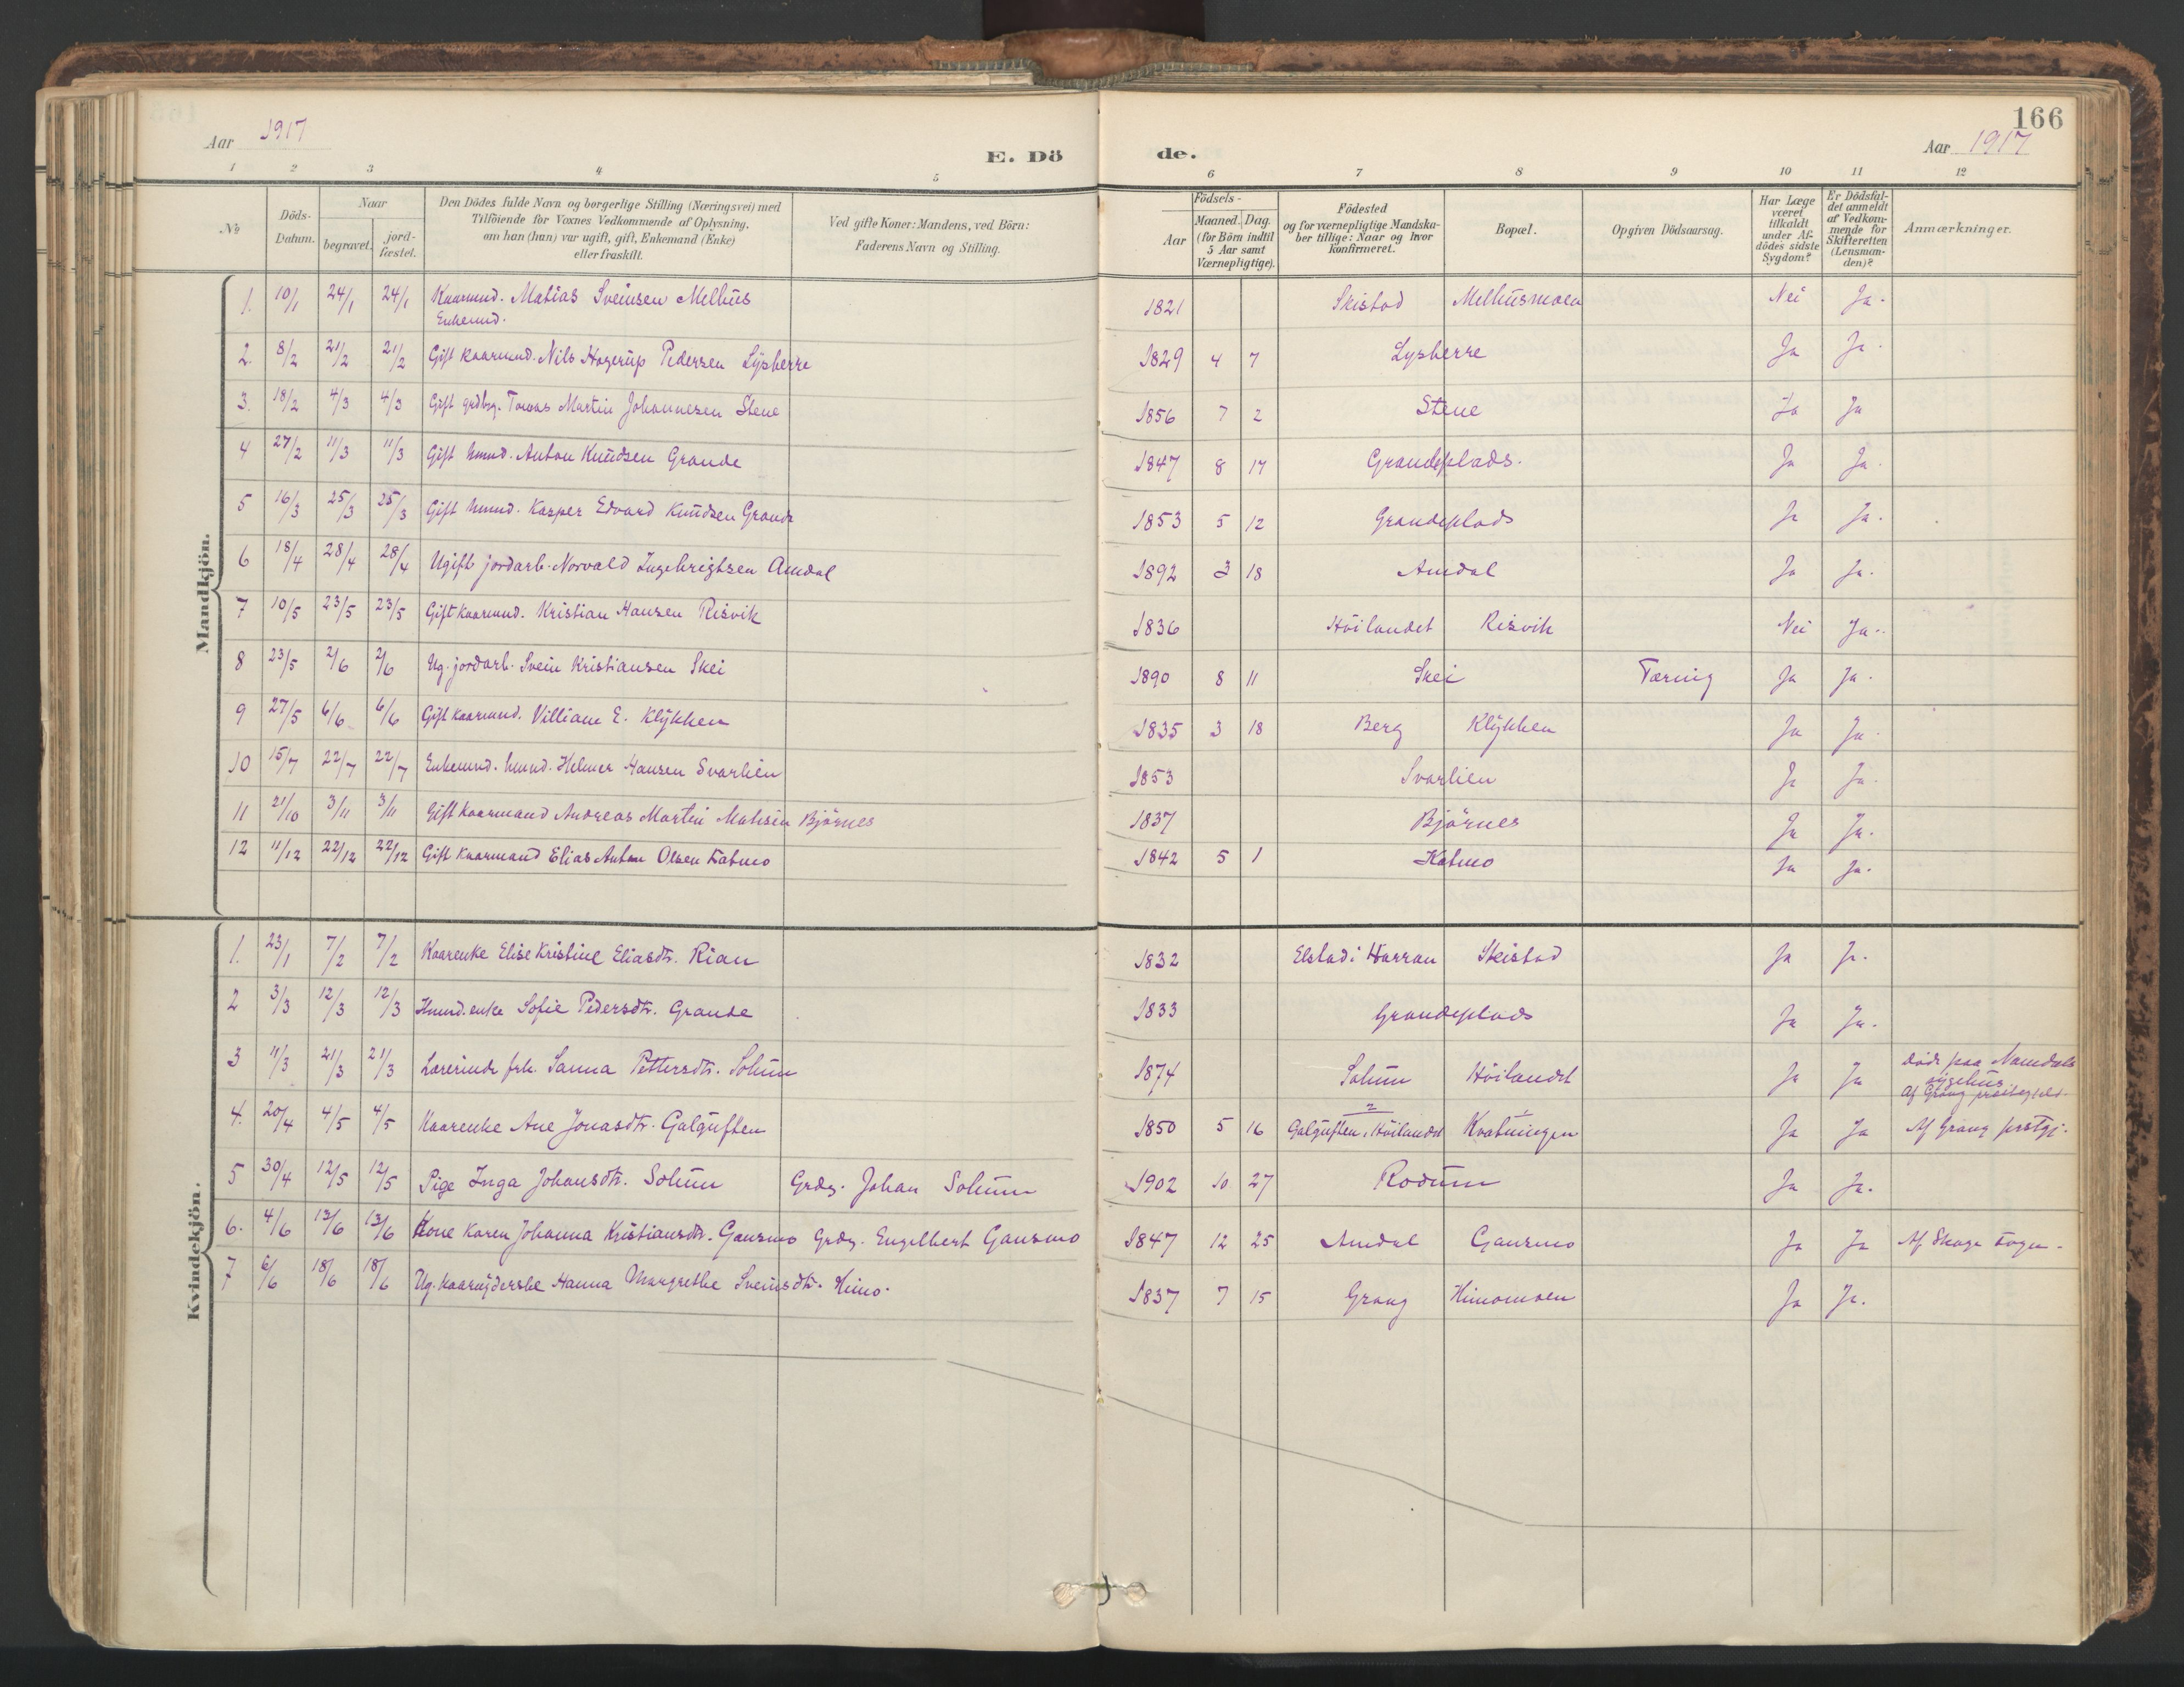 SAT, Ministerialprotokoller, klokkerbøker og fødselsregistre - Nord-Trøndelag, 764/L0556: Ministerialbok nr. 764A11, 1897-1924, s. 166